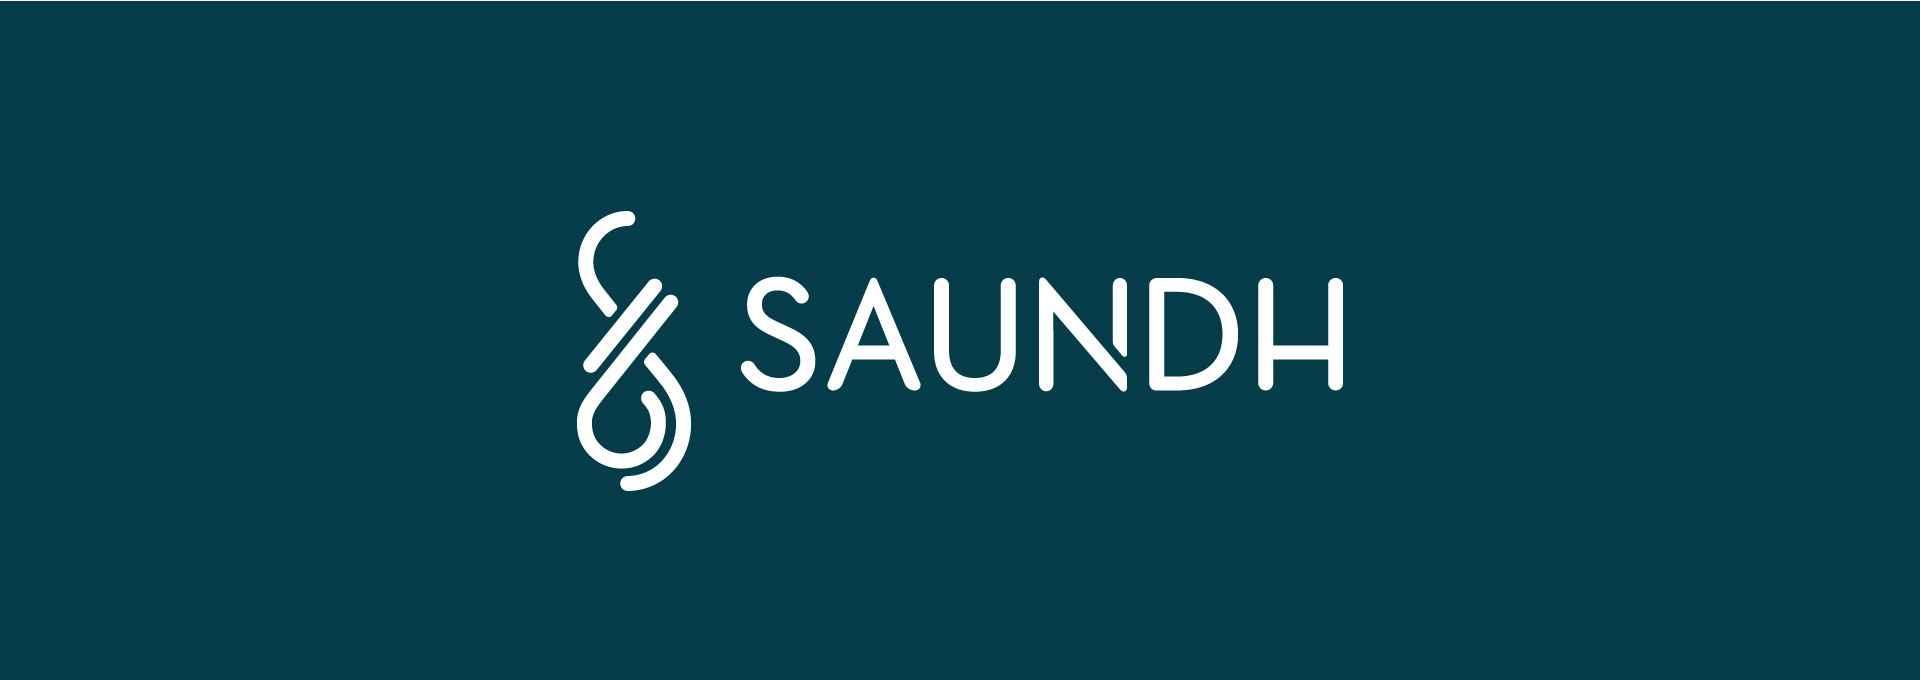 Saundh-02-identity-banner